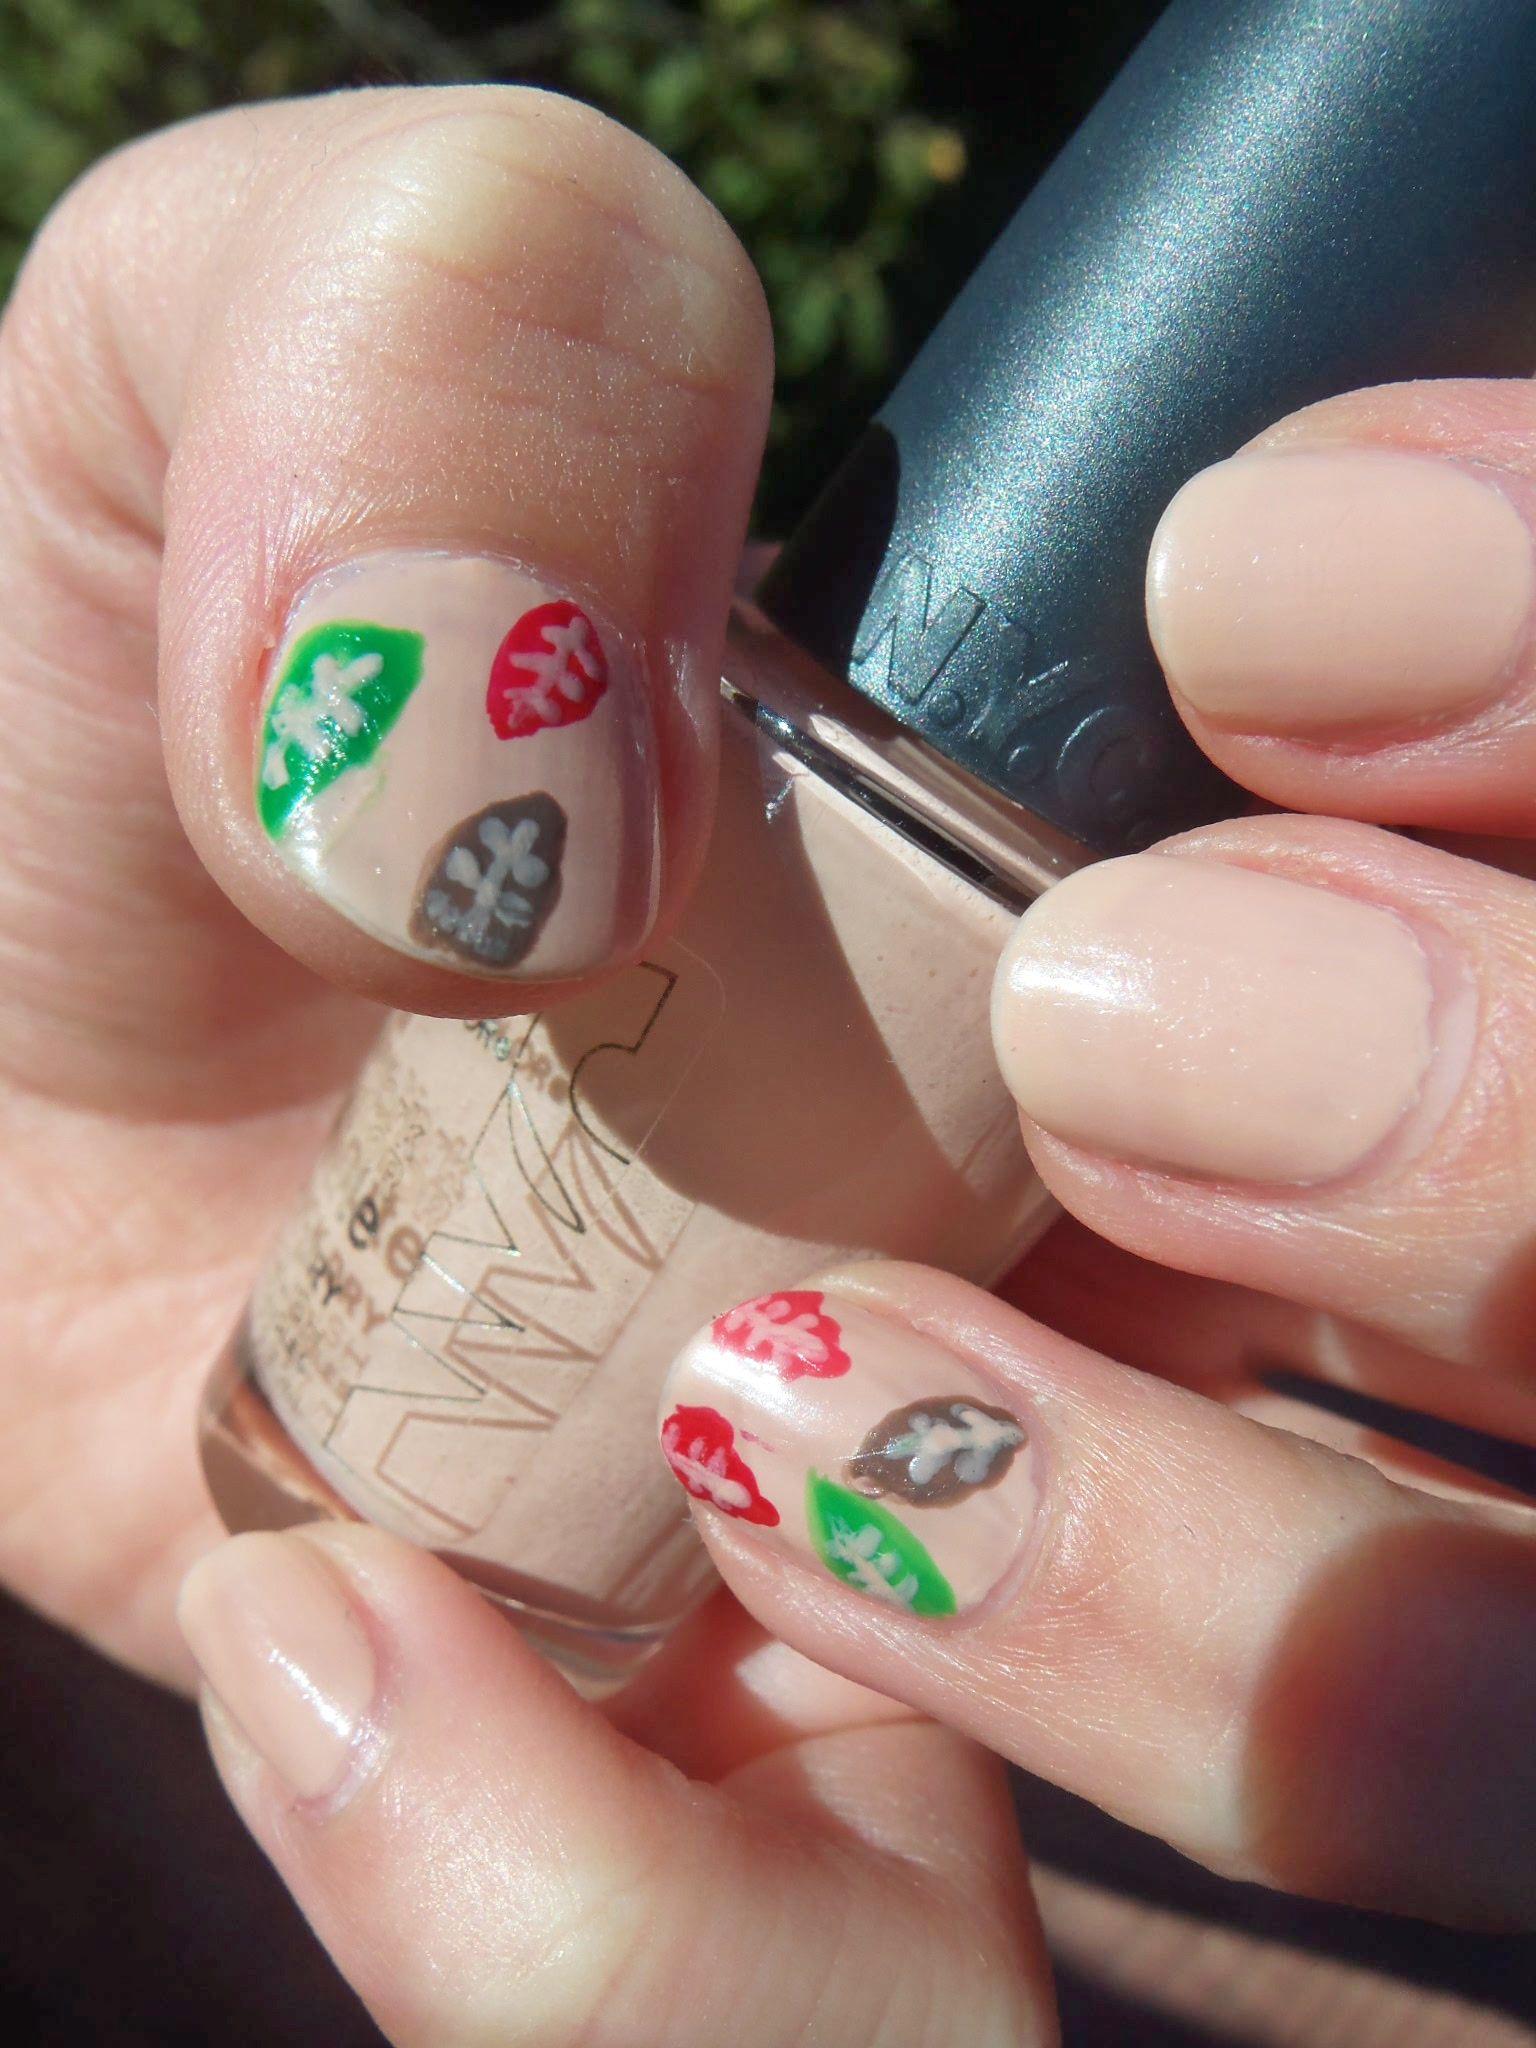 Fall Nails using NYC-Fashion Safari